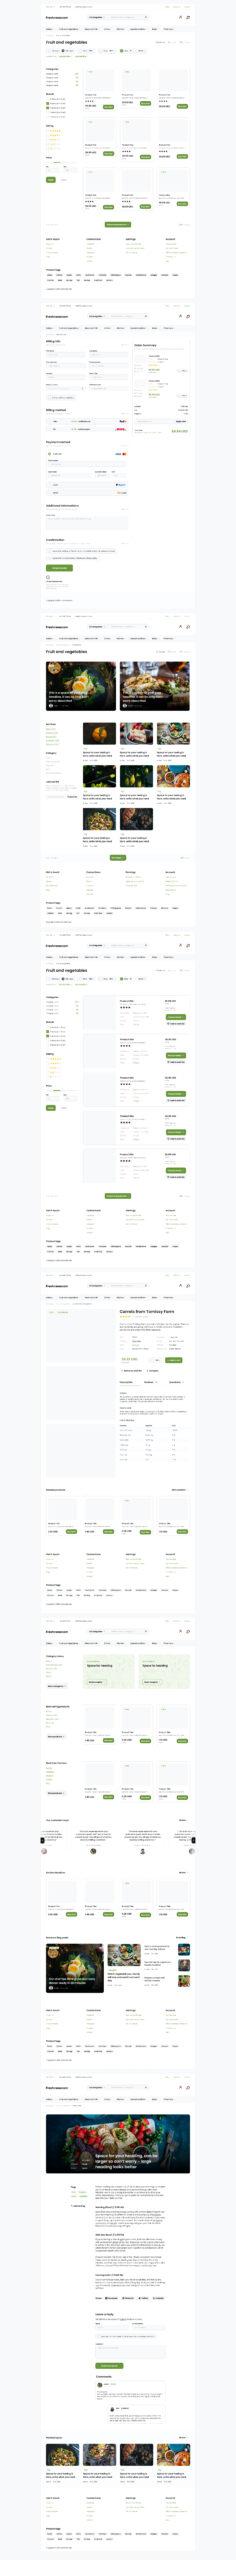 电子商务网站UI设计套件插图